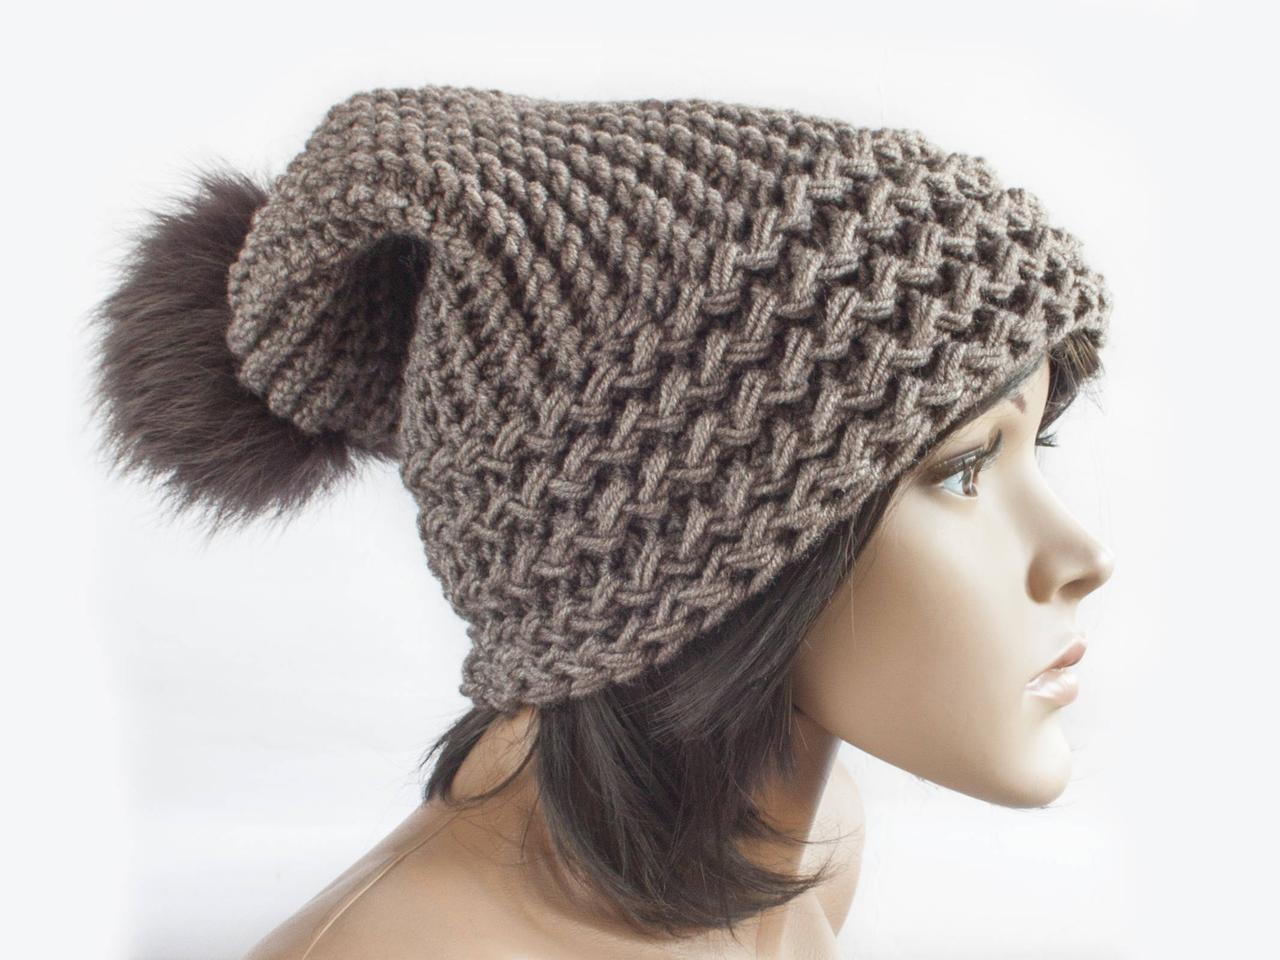 Шапка, женская вязаная шапка, HandMade шапка, модная стильная шапка, помпон шапка